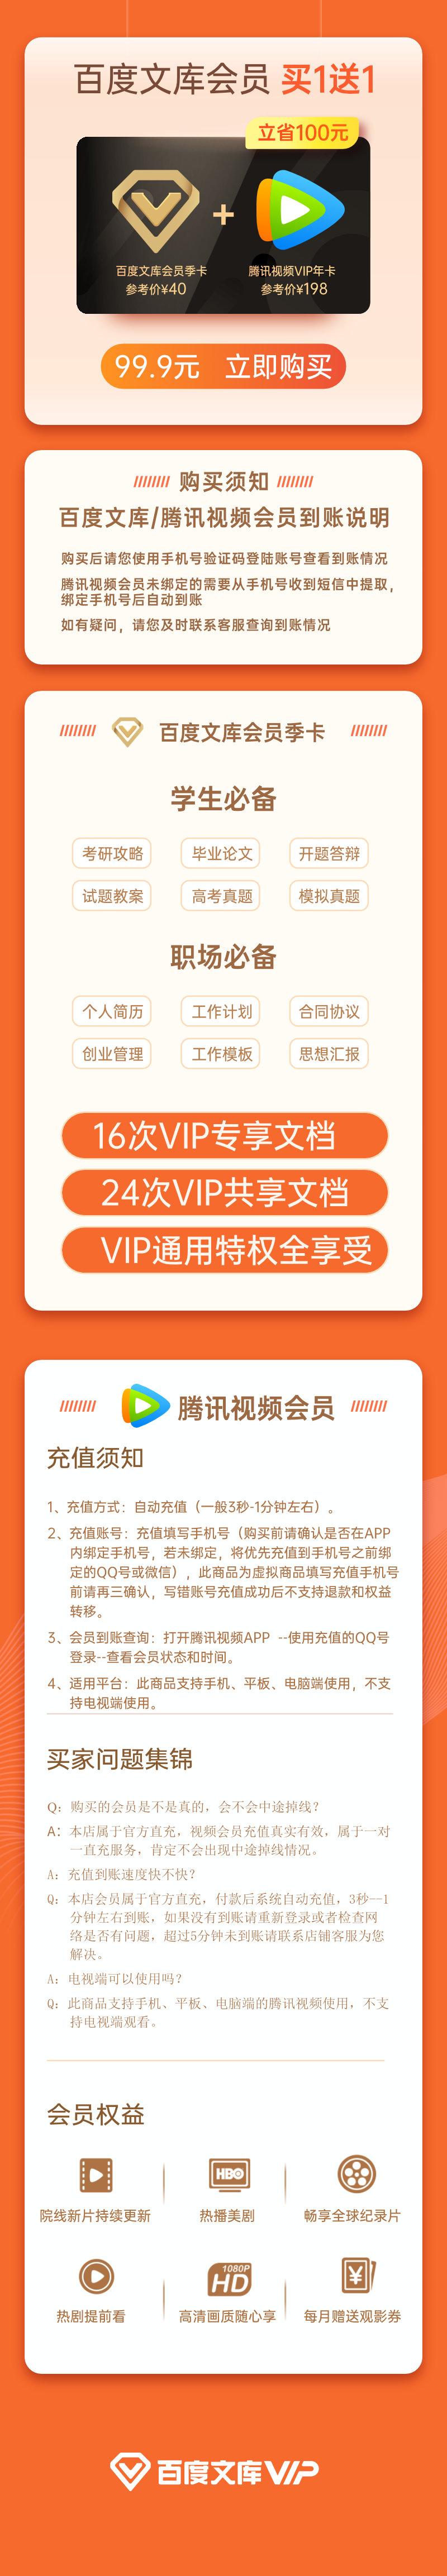 百度文库推出腾讯视频/爱奇艺会员卡 99.9元视频年卡+百度文库季卡